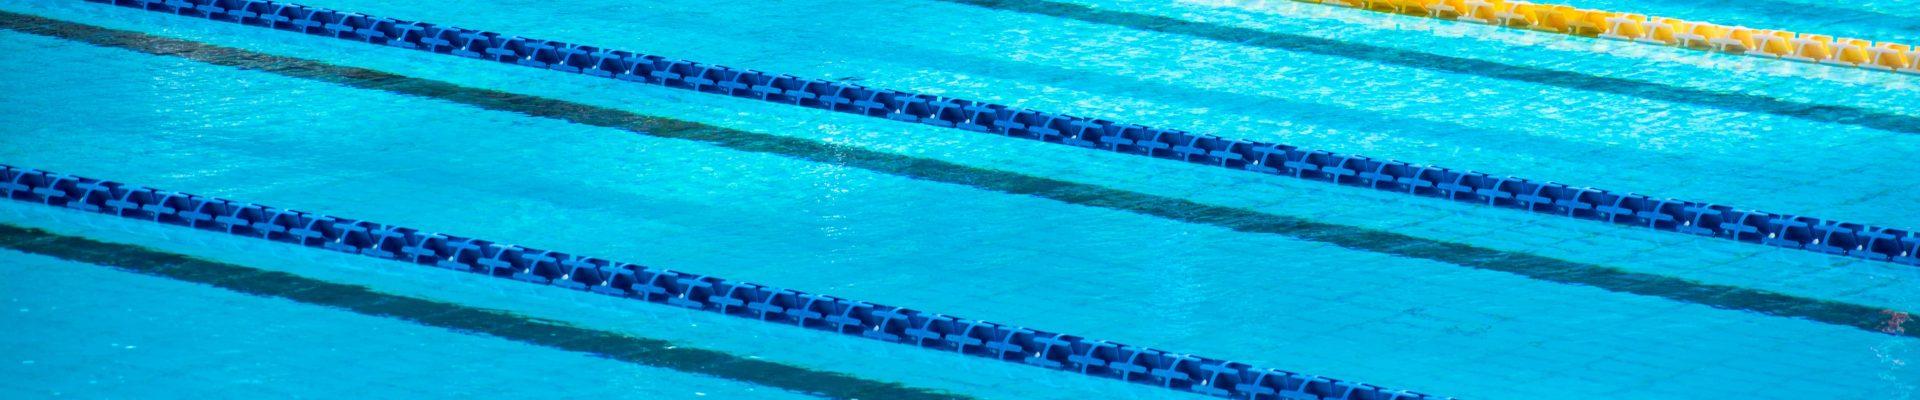 From unsplash.com by Serena Repice Lentini